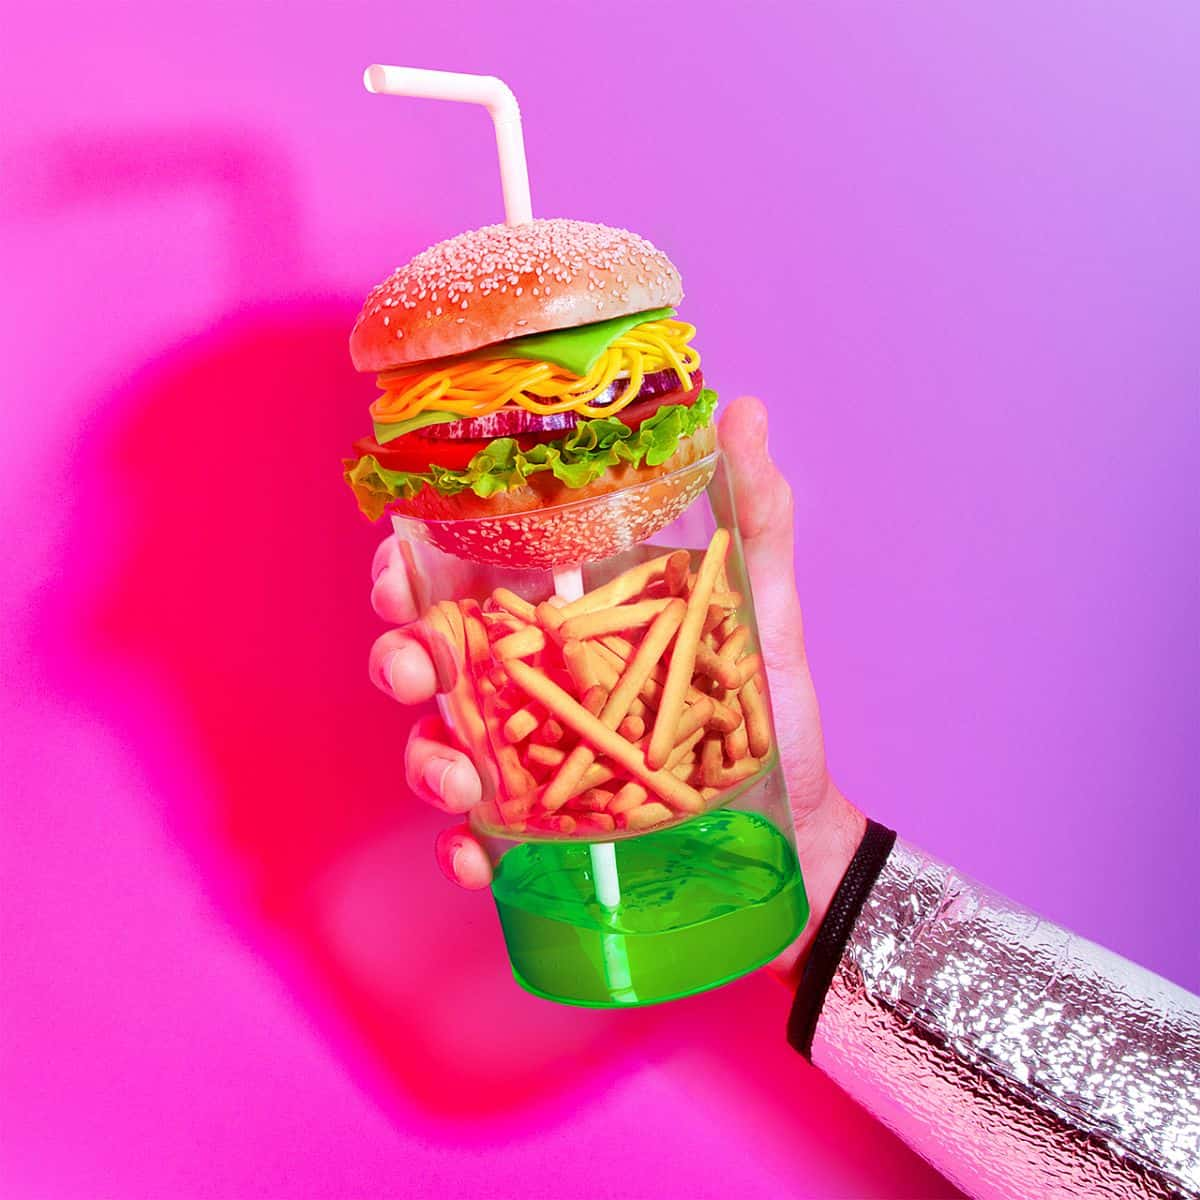 Burger 2045. Vegetarian, cu conopidă, roșii uscate, brânză de soia vegană cu lecitină